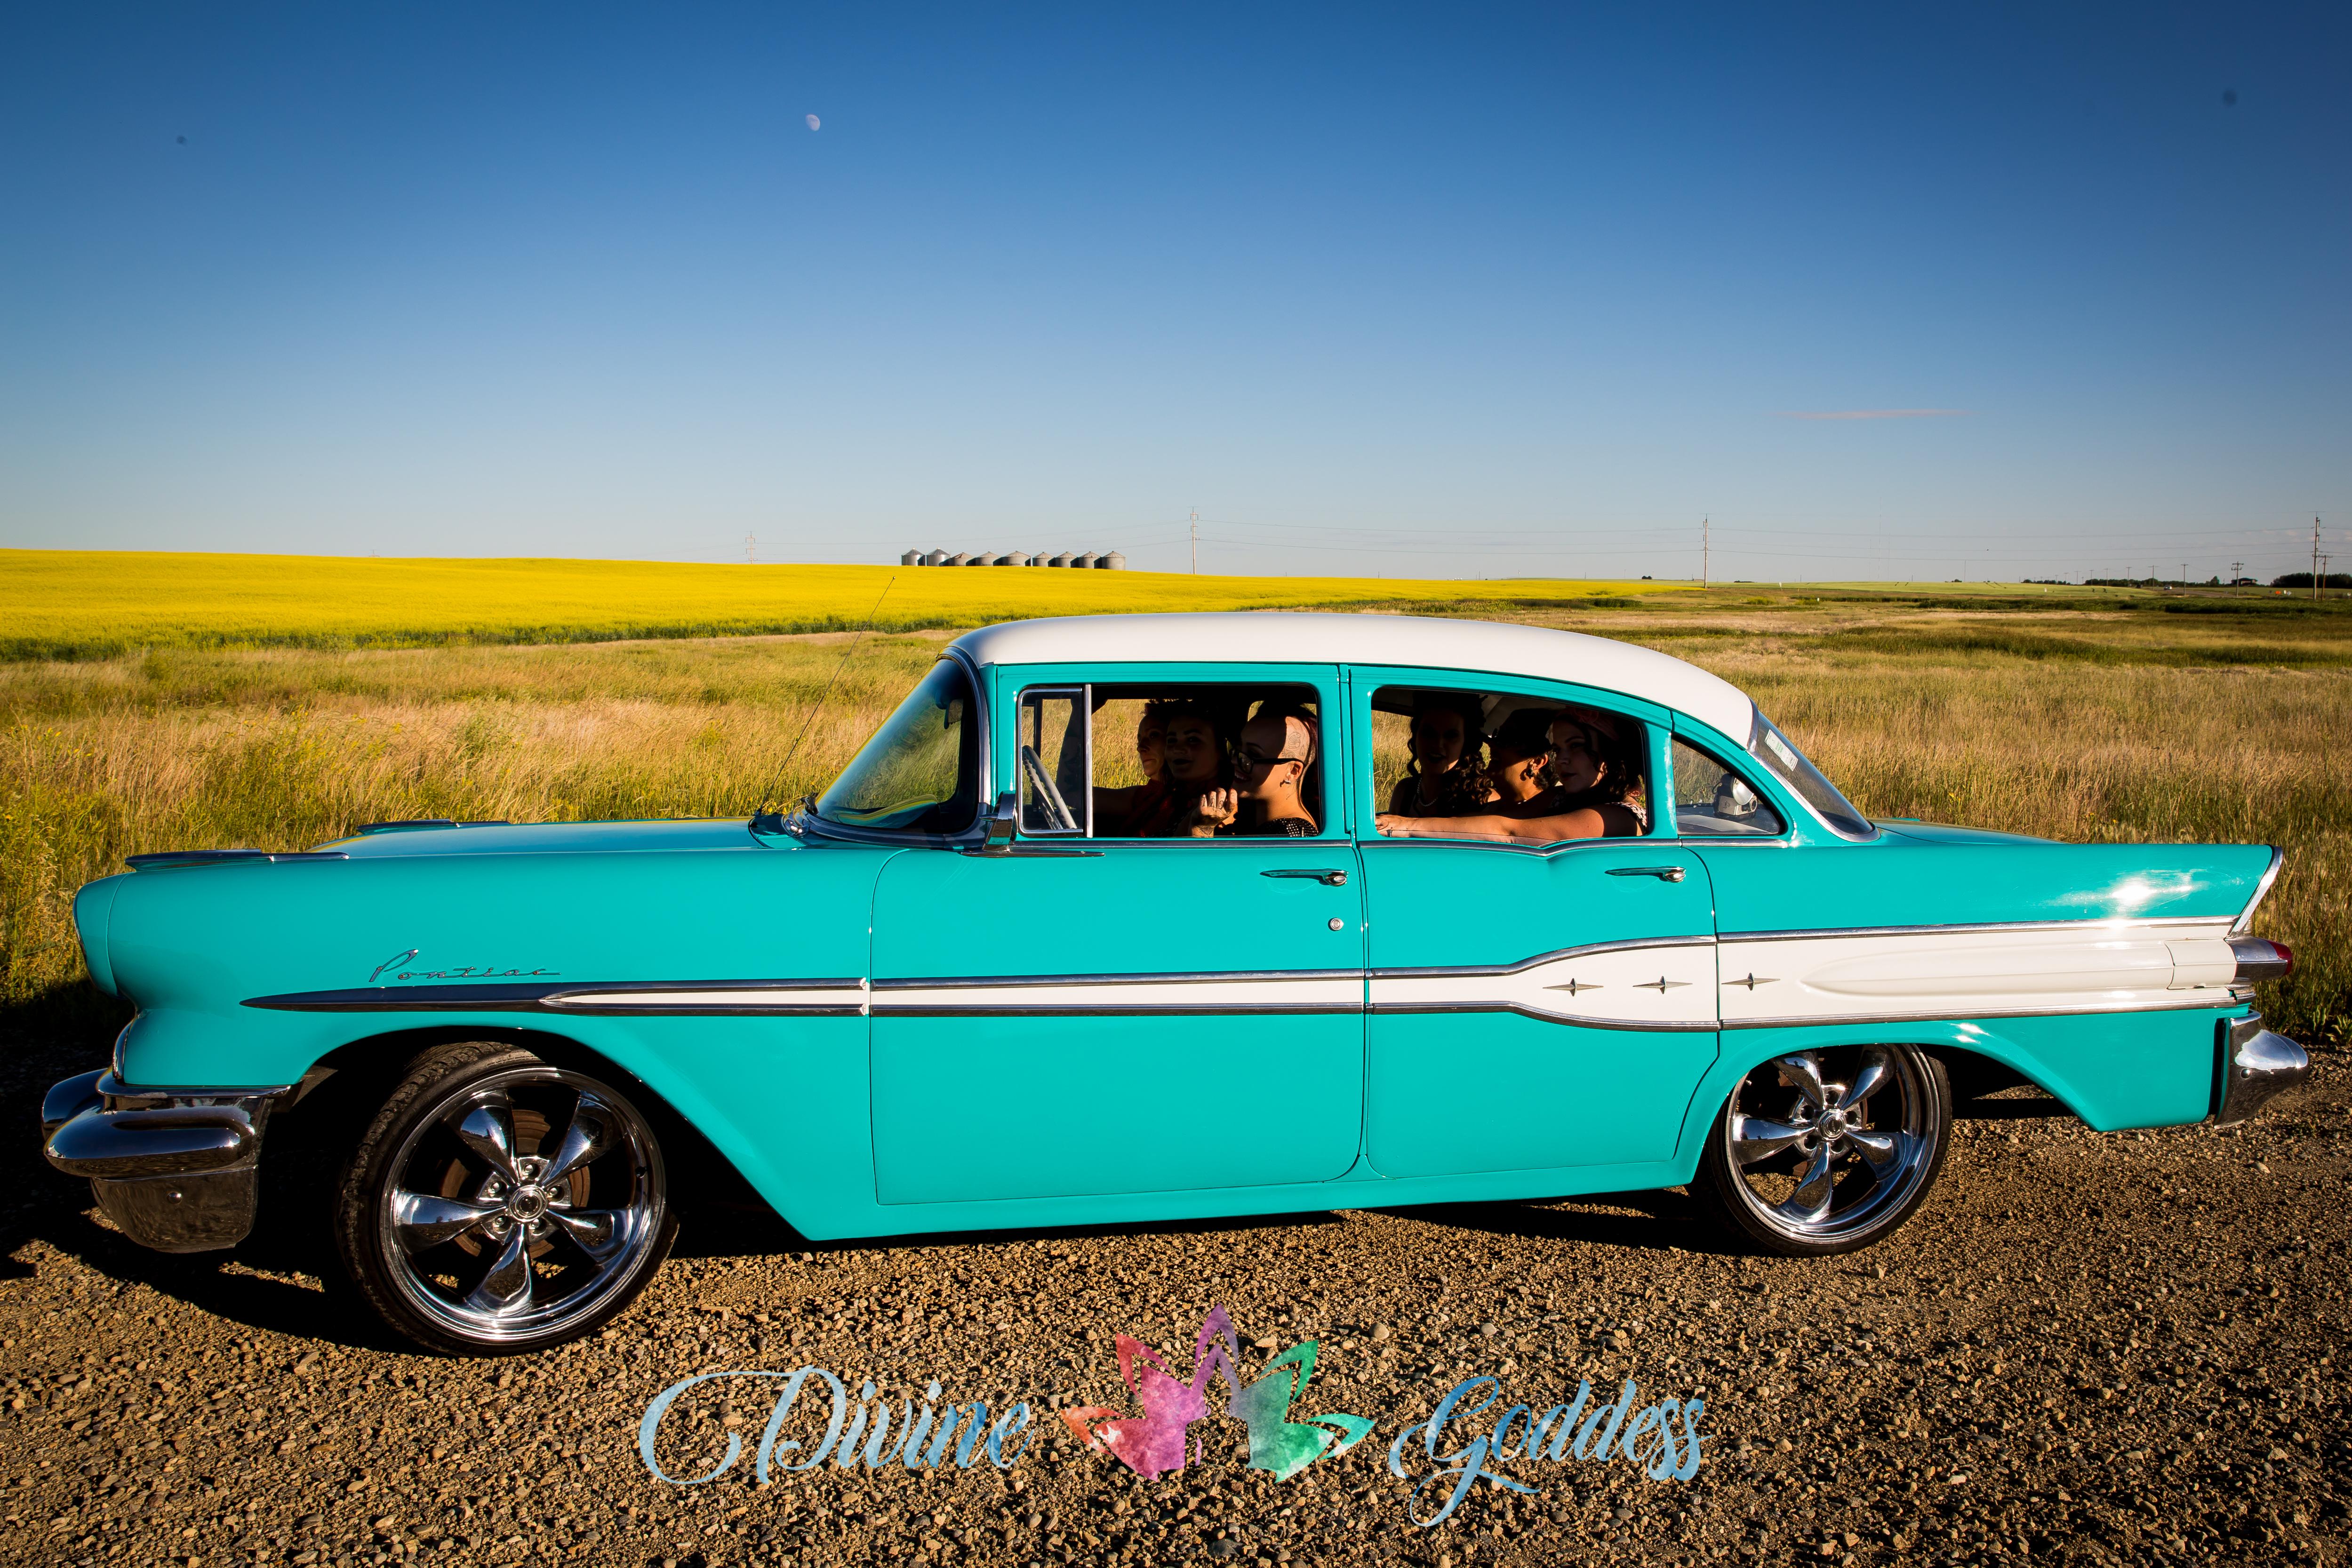 50s-car-1-of-1